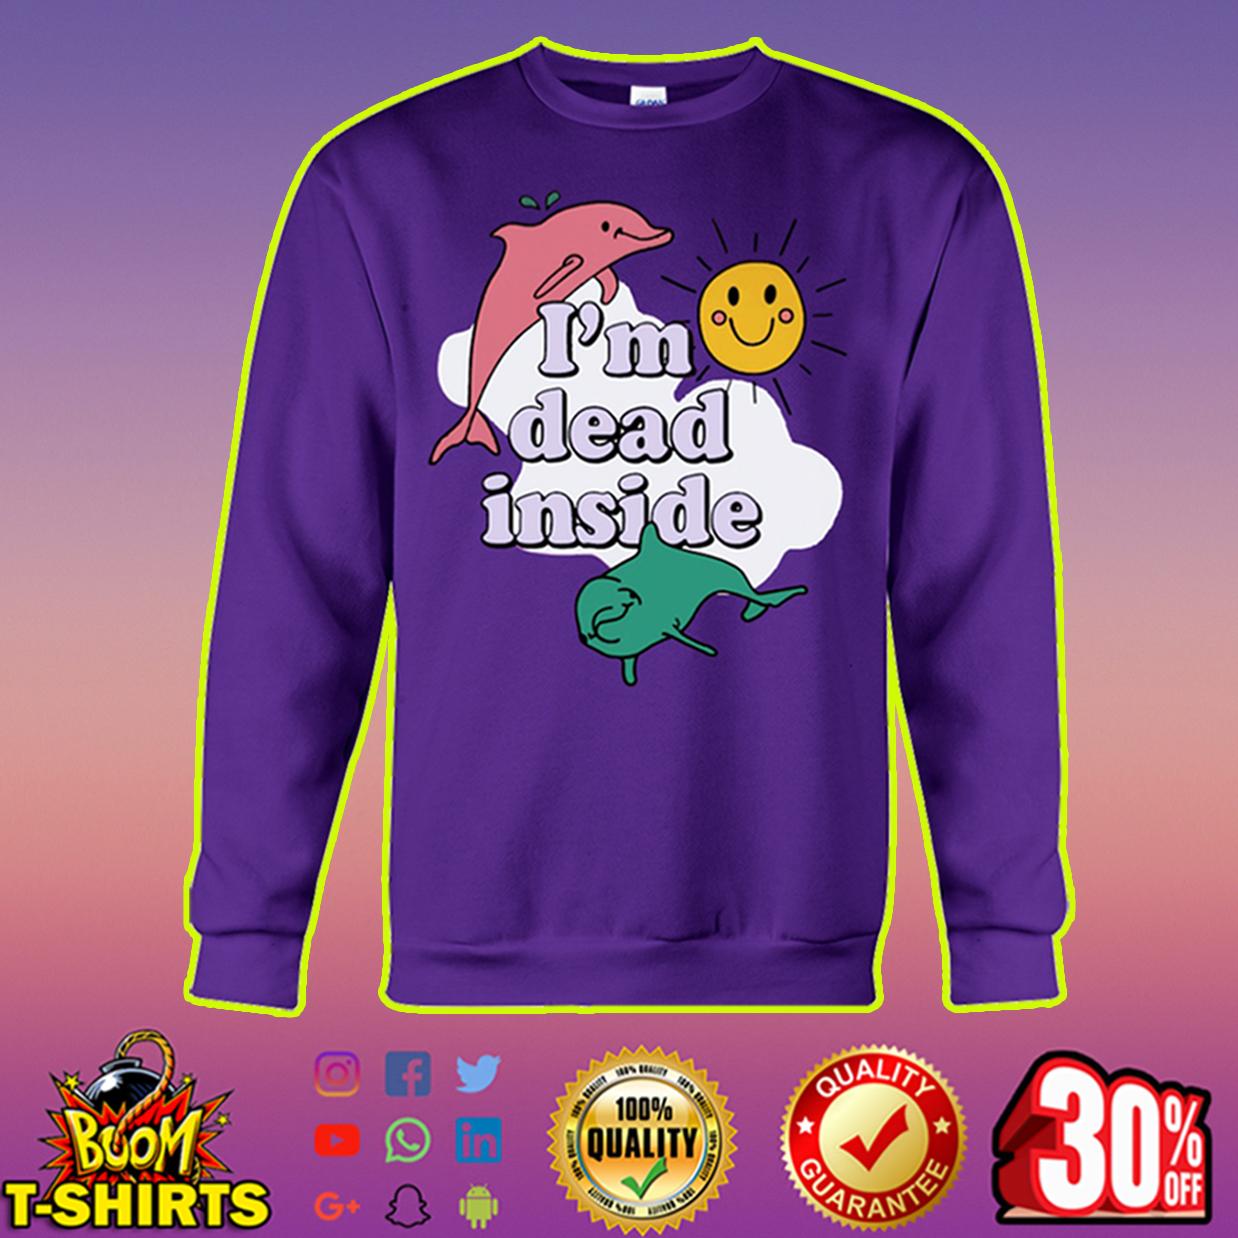 I'm dead inside sweatshirt